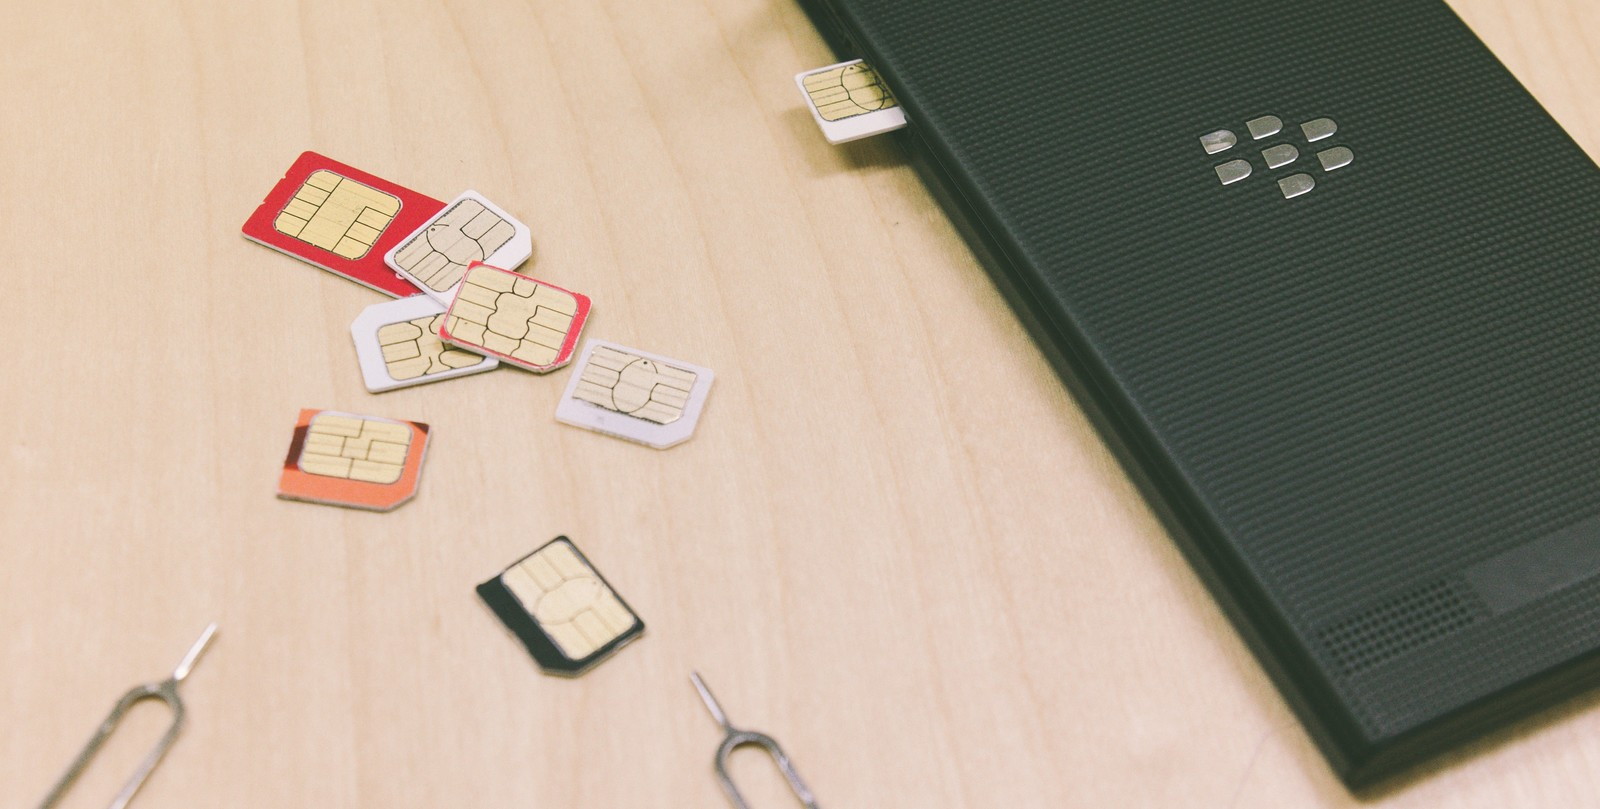 JGC修行 シンガポールで旅行者向けのSIMカード購入について(LTE回線GETだぜ)